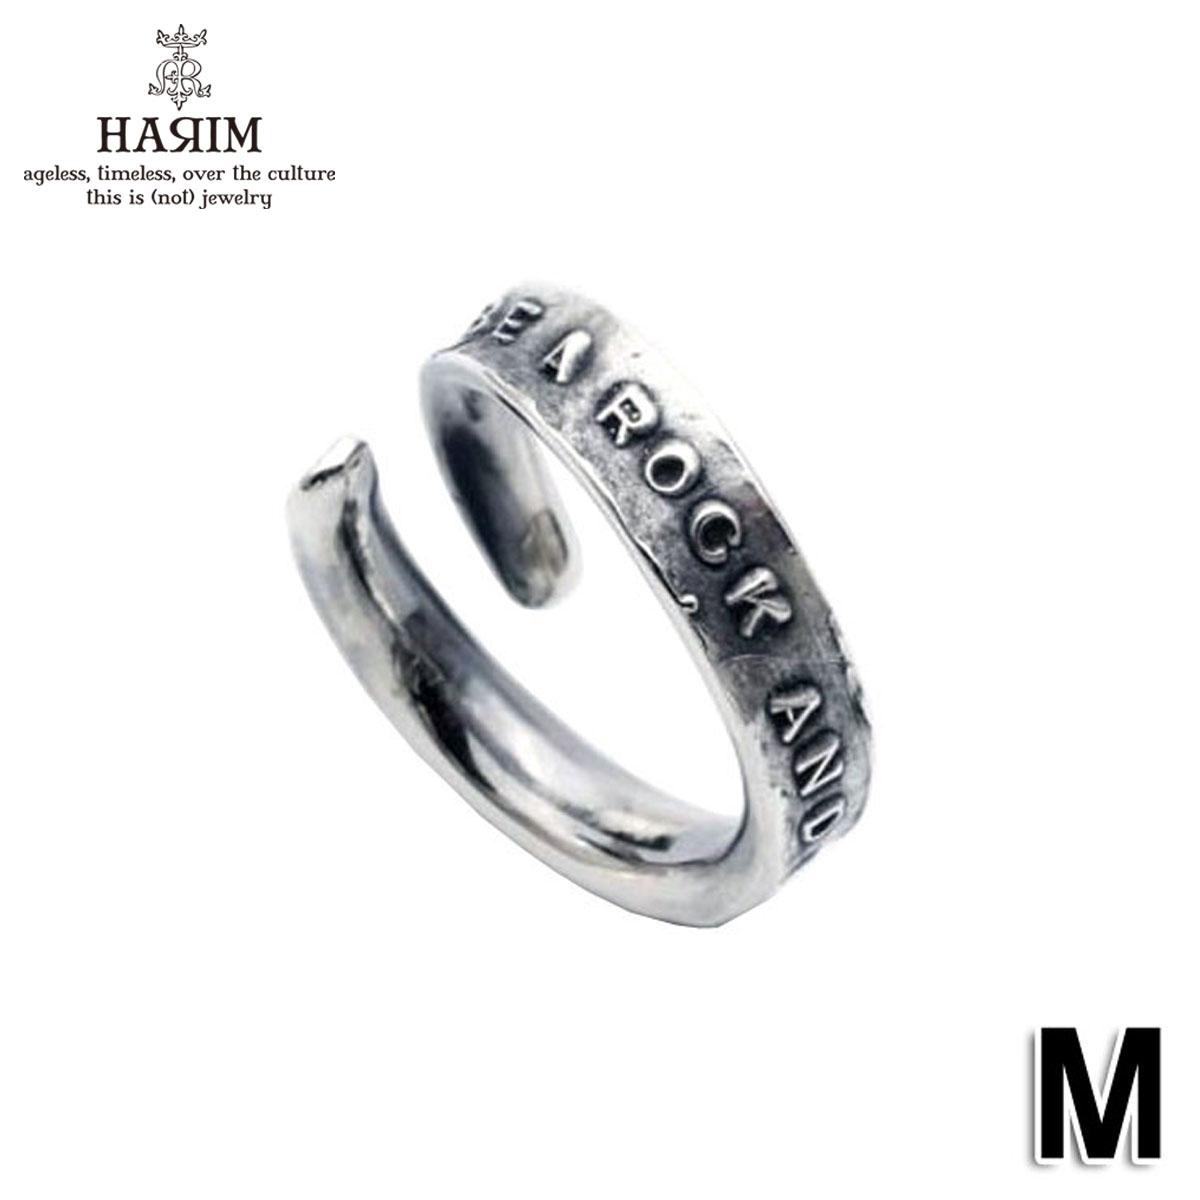 ハリム HARIM 正規販売店 指輪 リング STAIRWAY TO HEAVEN FREE RING M HRR039SV M SILVER 925 OXIDIZED BLACK M A82B B3C C3D D8E E32F